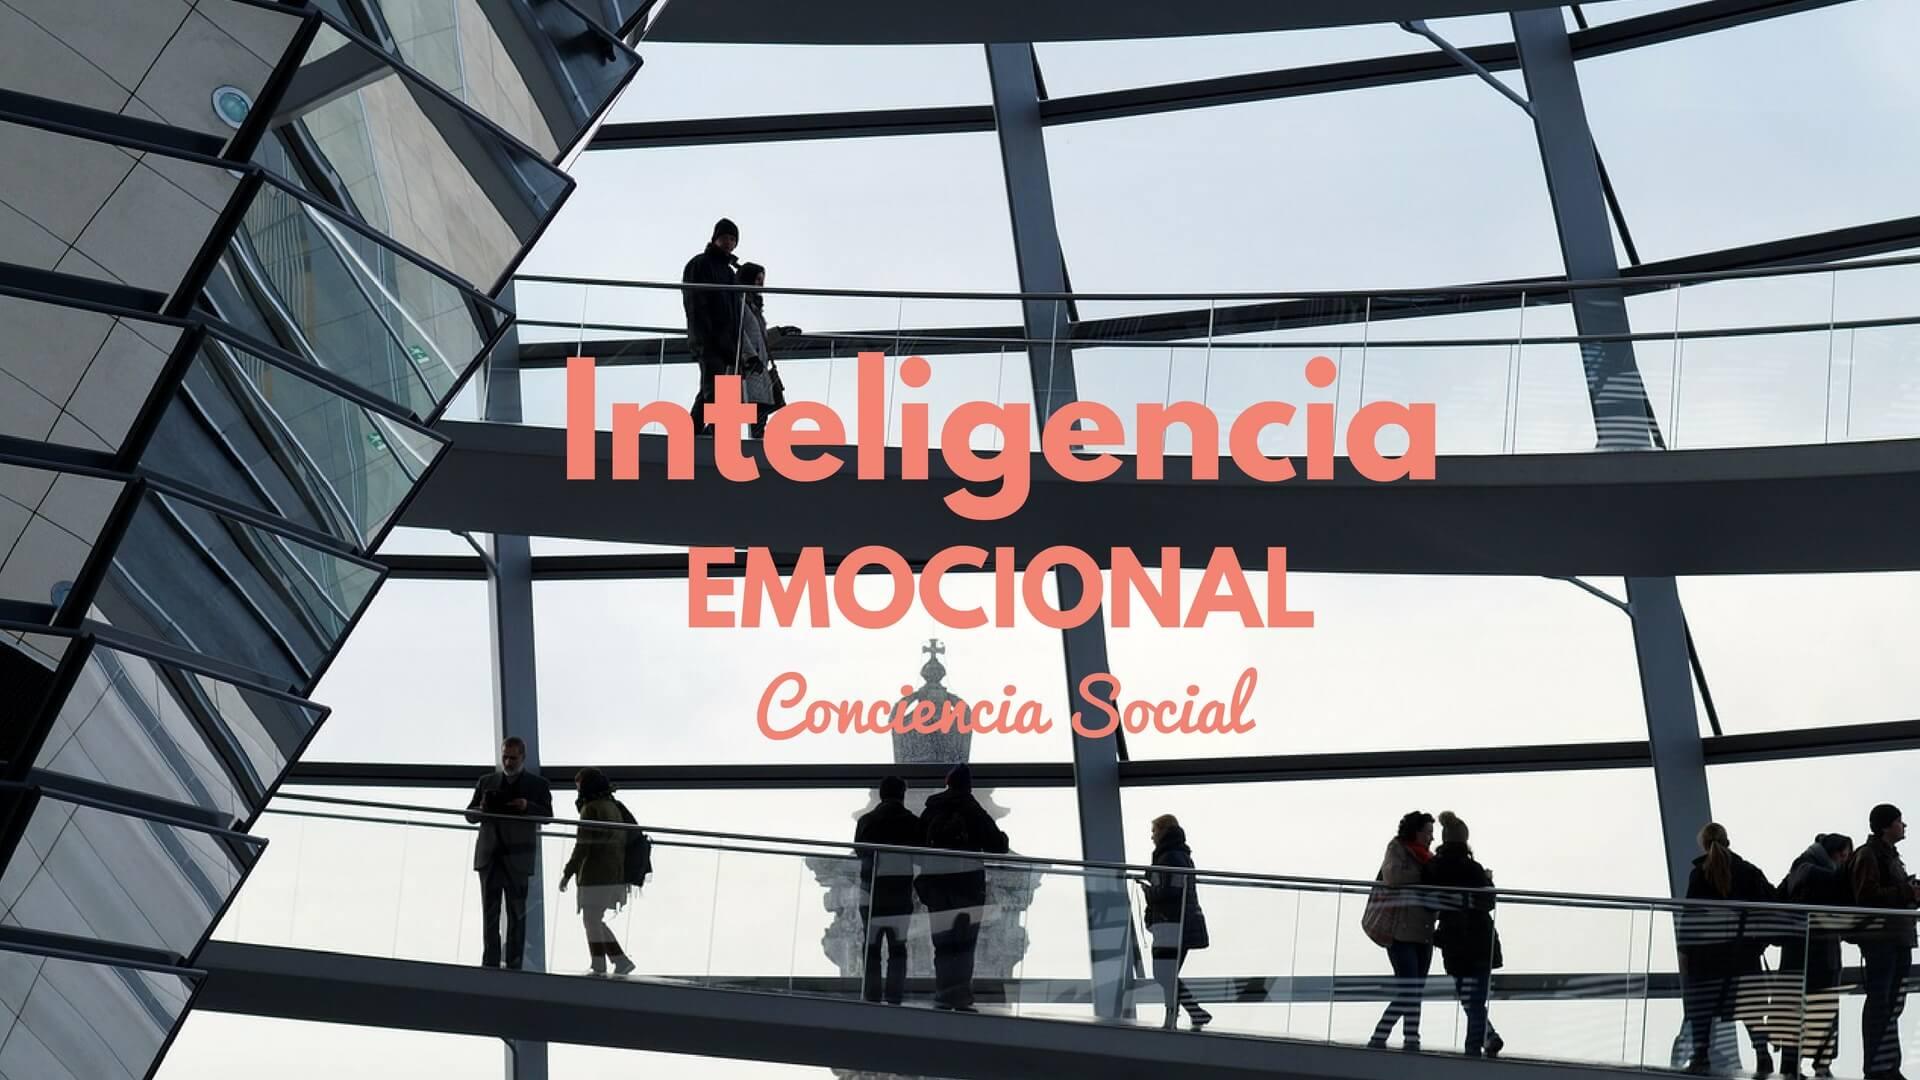 La Conciencia Social nteligencia emocional